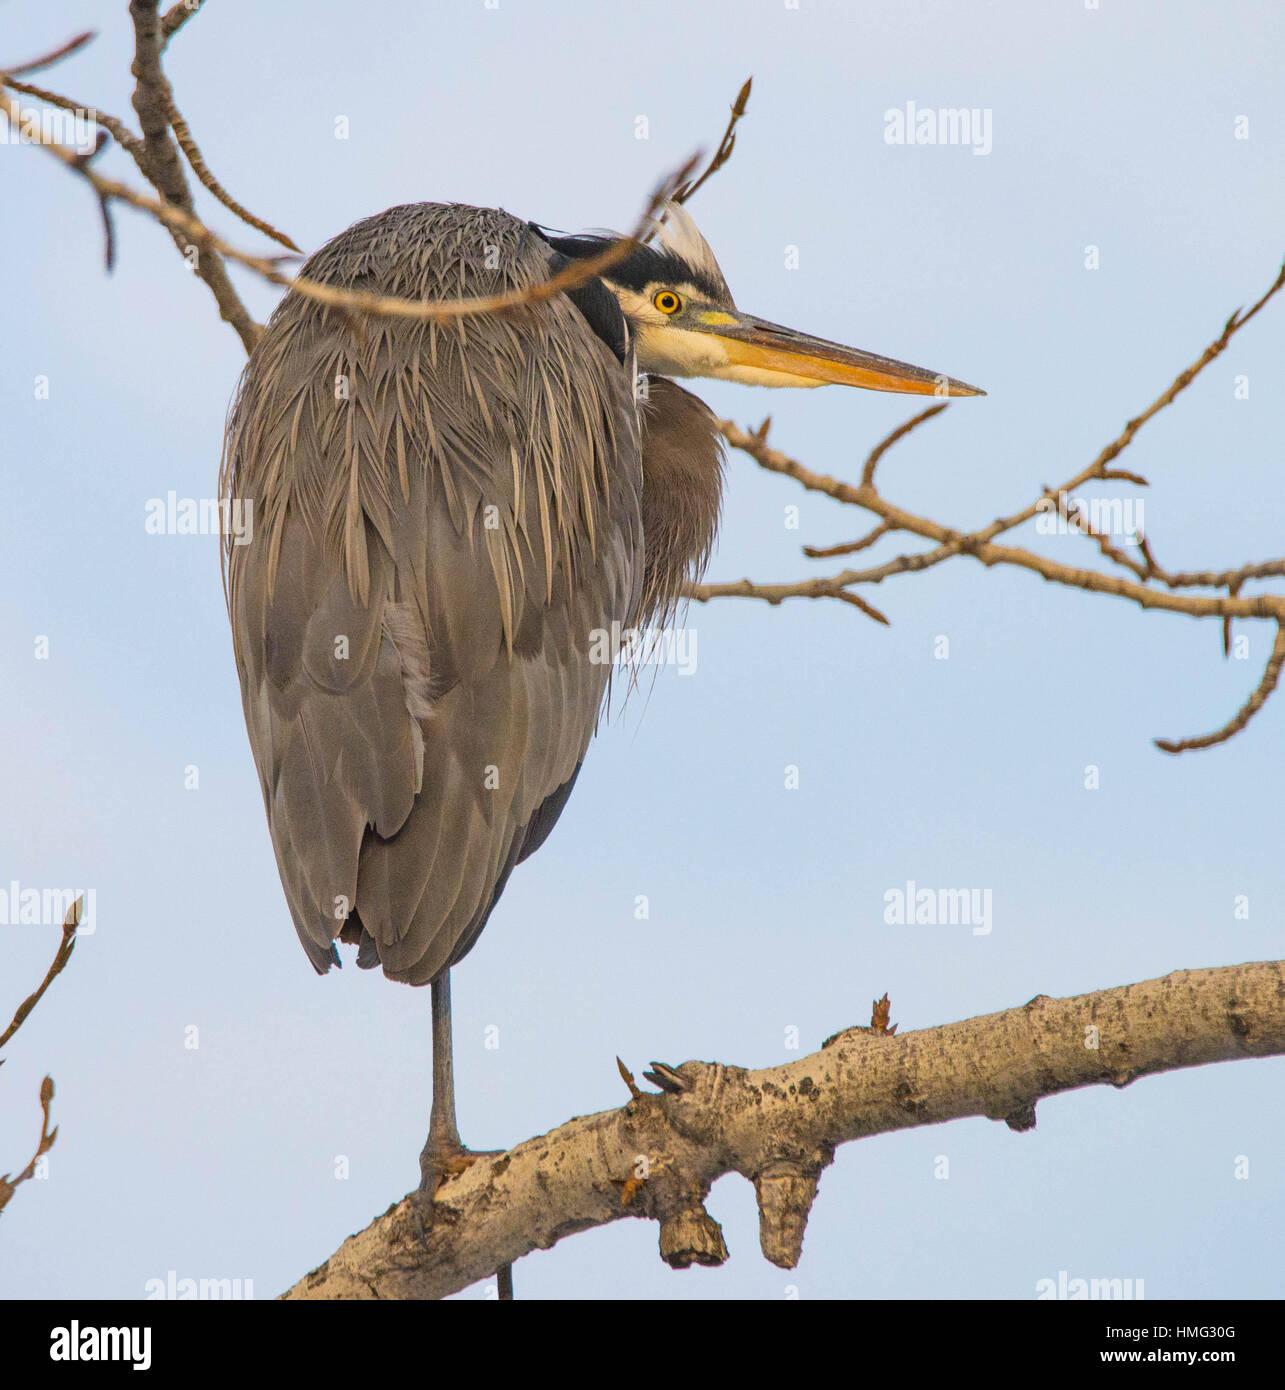 Aves, Great Blue Heron encaramado sobre un miembro del árbol en el invierno. Idaho, EE.UU. Imagen De Stock